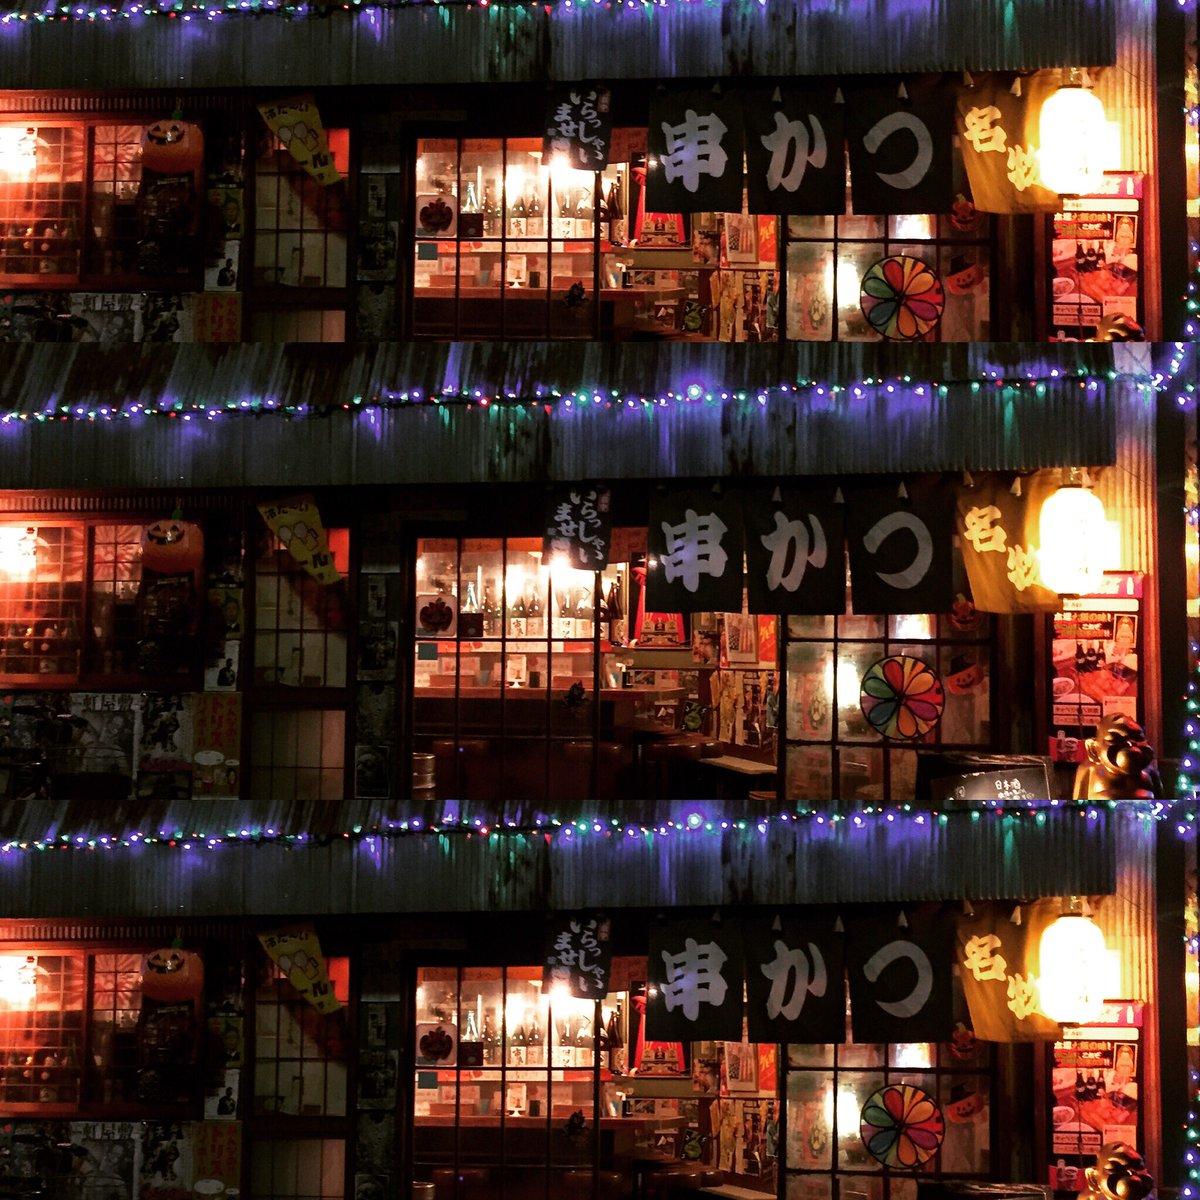 木曜日も串かつジャンジャン元気いっぱい営業開始です♪今年も揚げたての串かつで揚げ揚げで行きましょう( ´ ▽ ` )ノキ